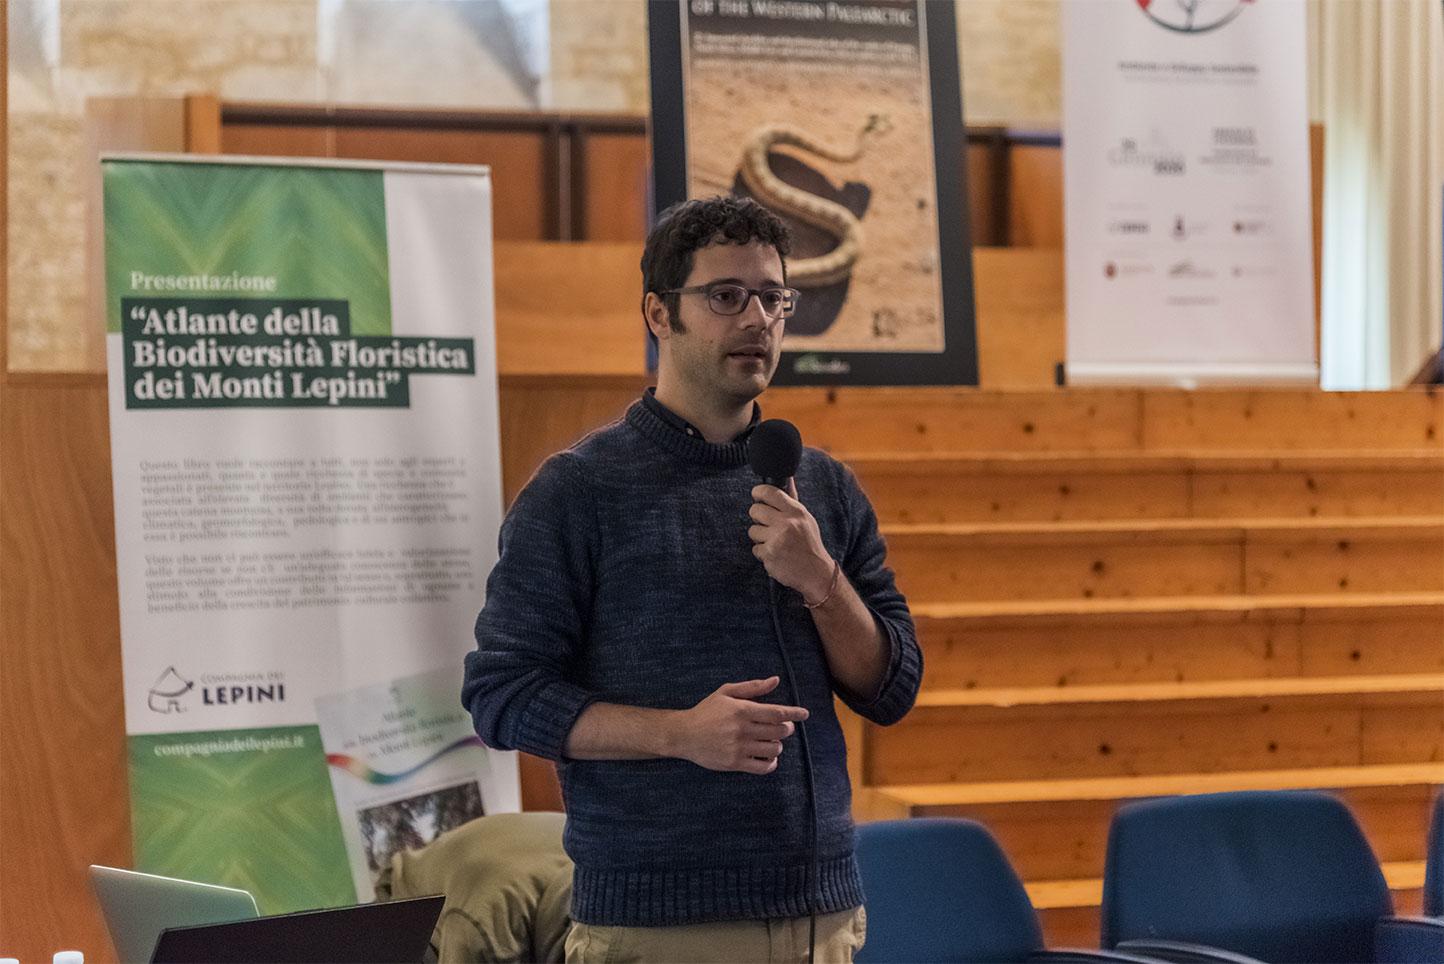 compagnia-dei-lepini-convegno-biodiversita-25-01-2020-84